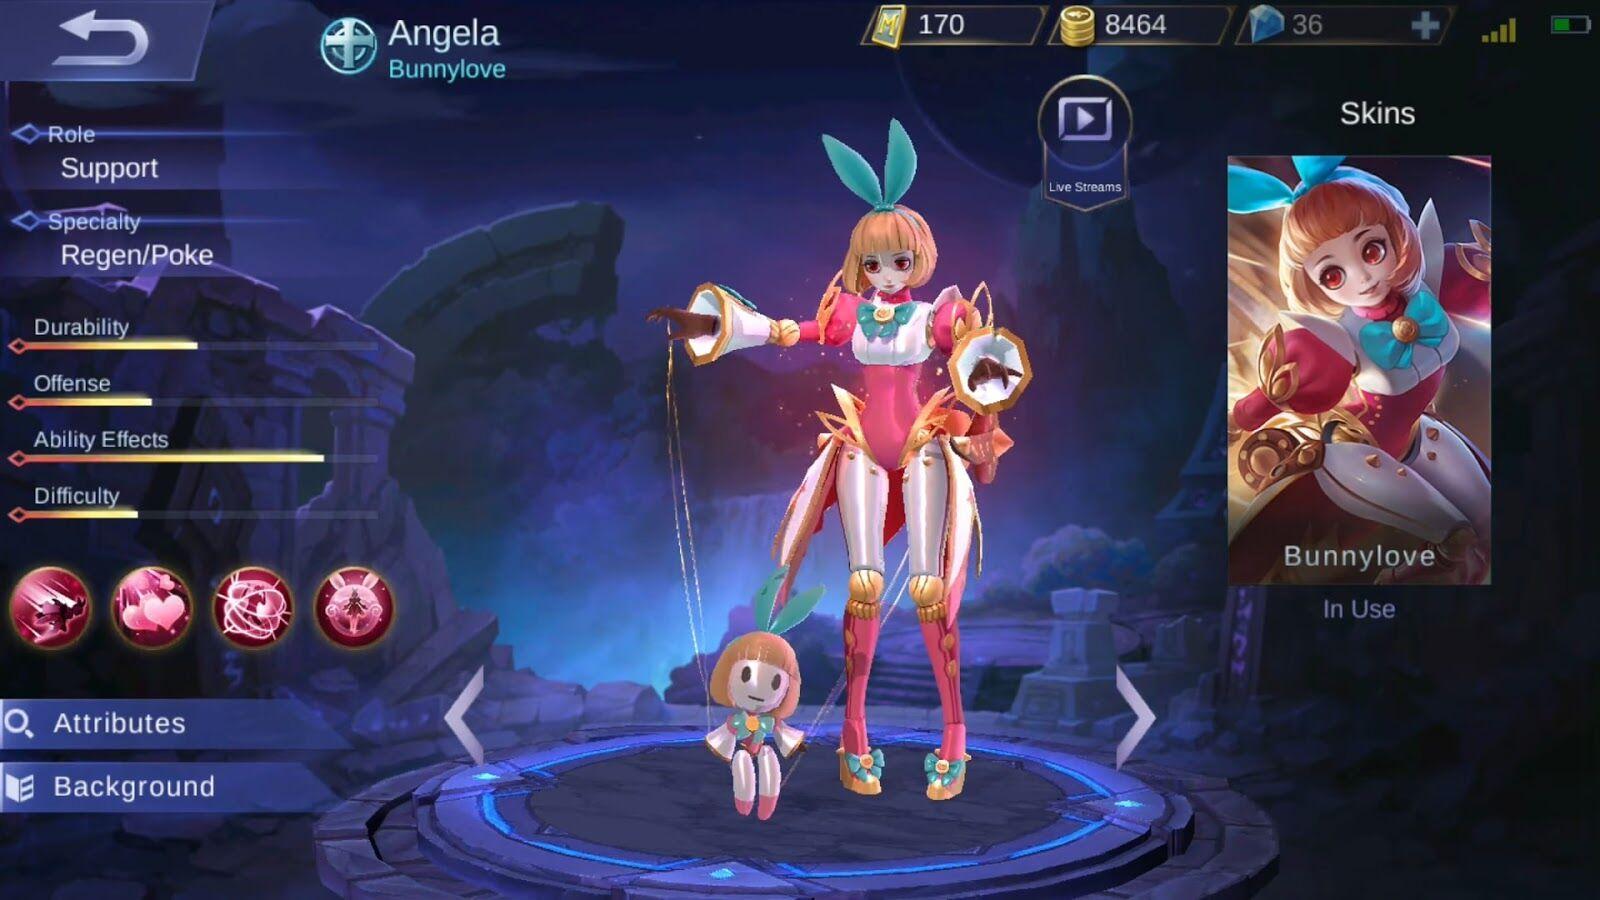 Angelaa E41e7